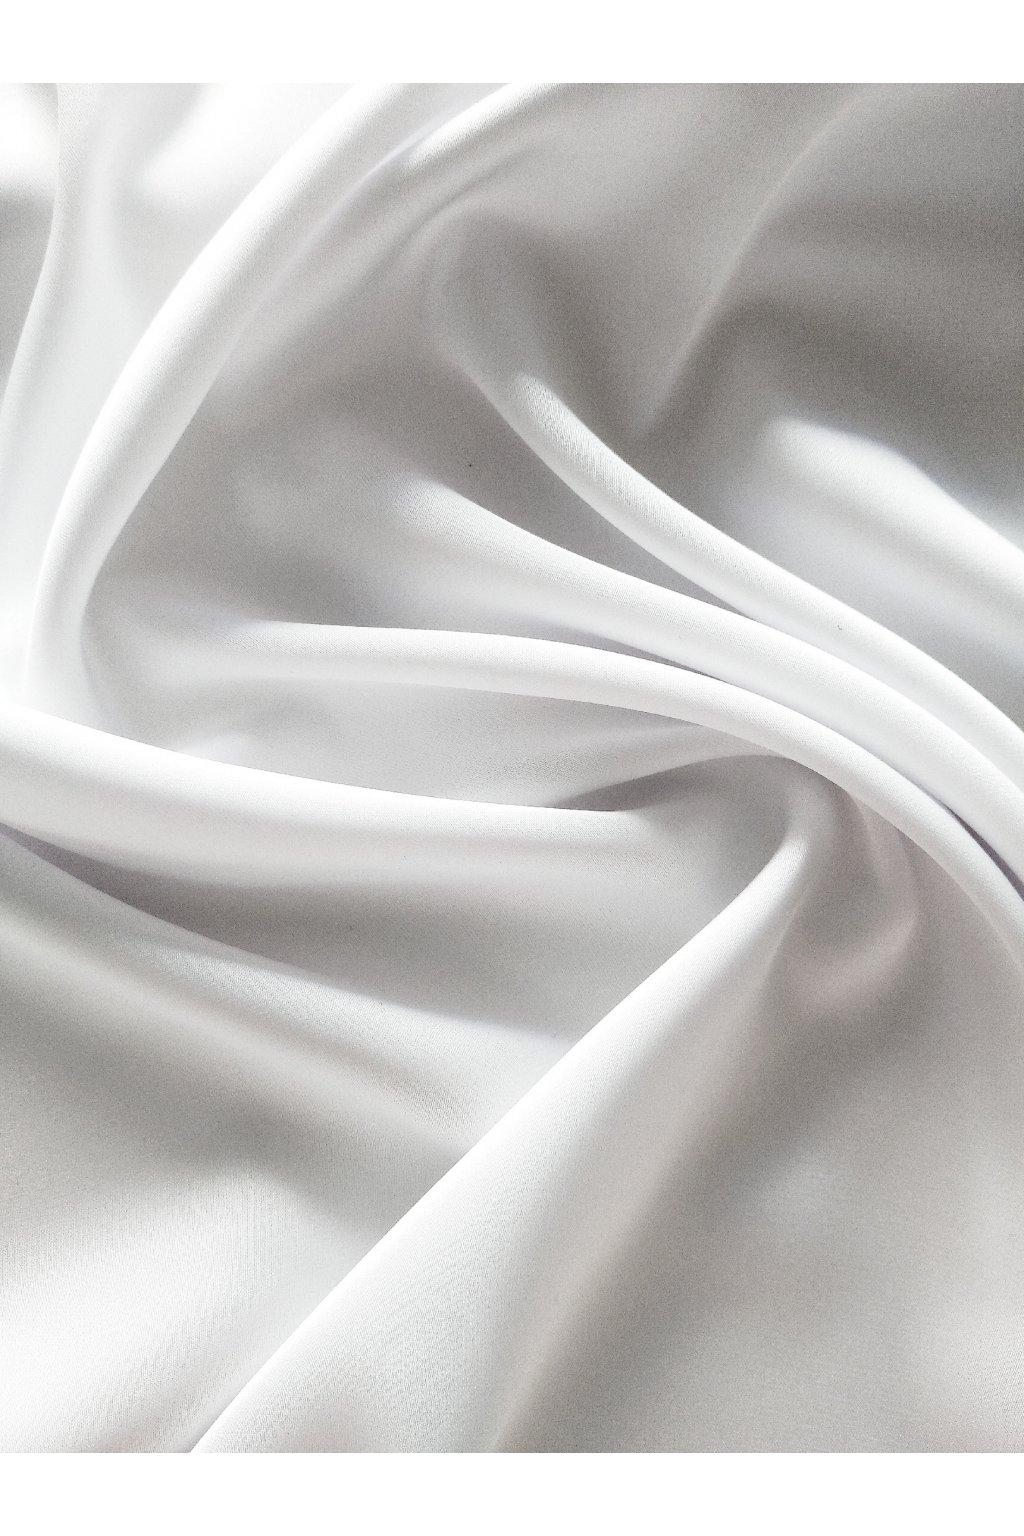 Hedvábí -bílé